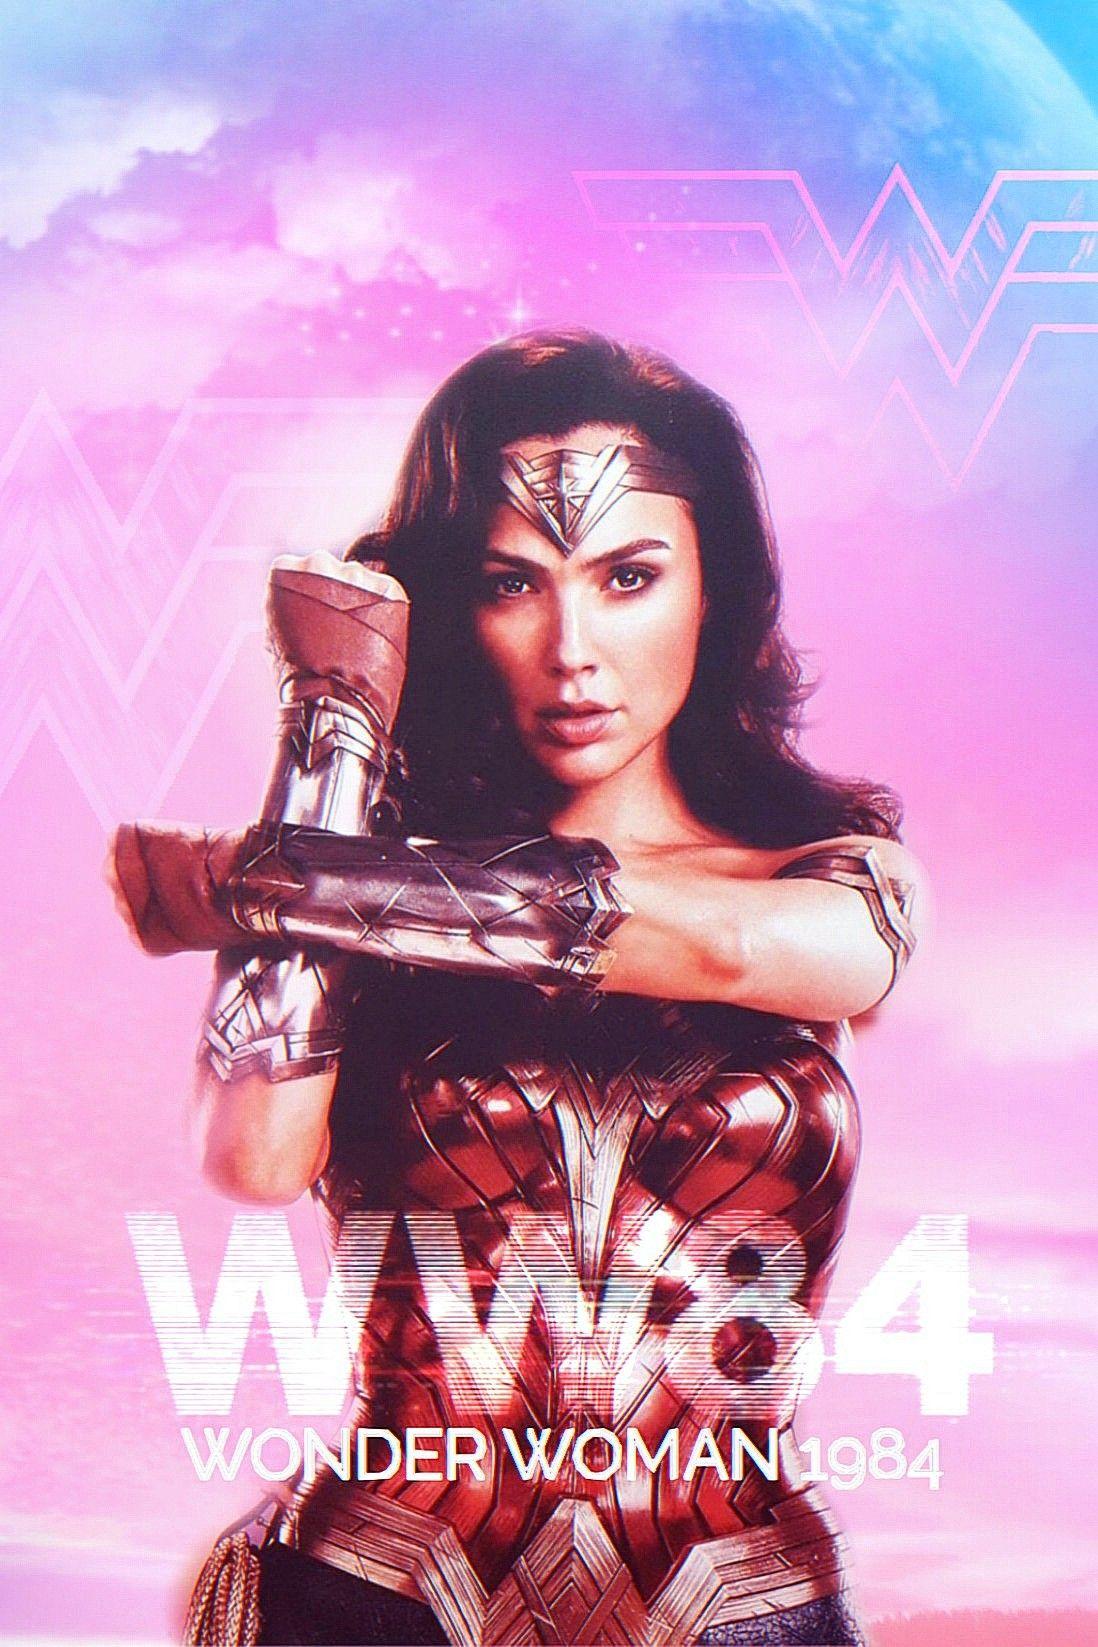 Wonder Woman 1984 In 2020 Wonder Woman Gal Gadot Wonder Woman Wonder Woman Art